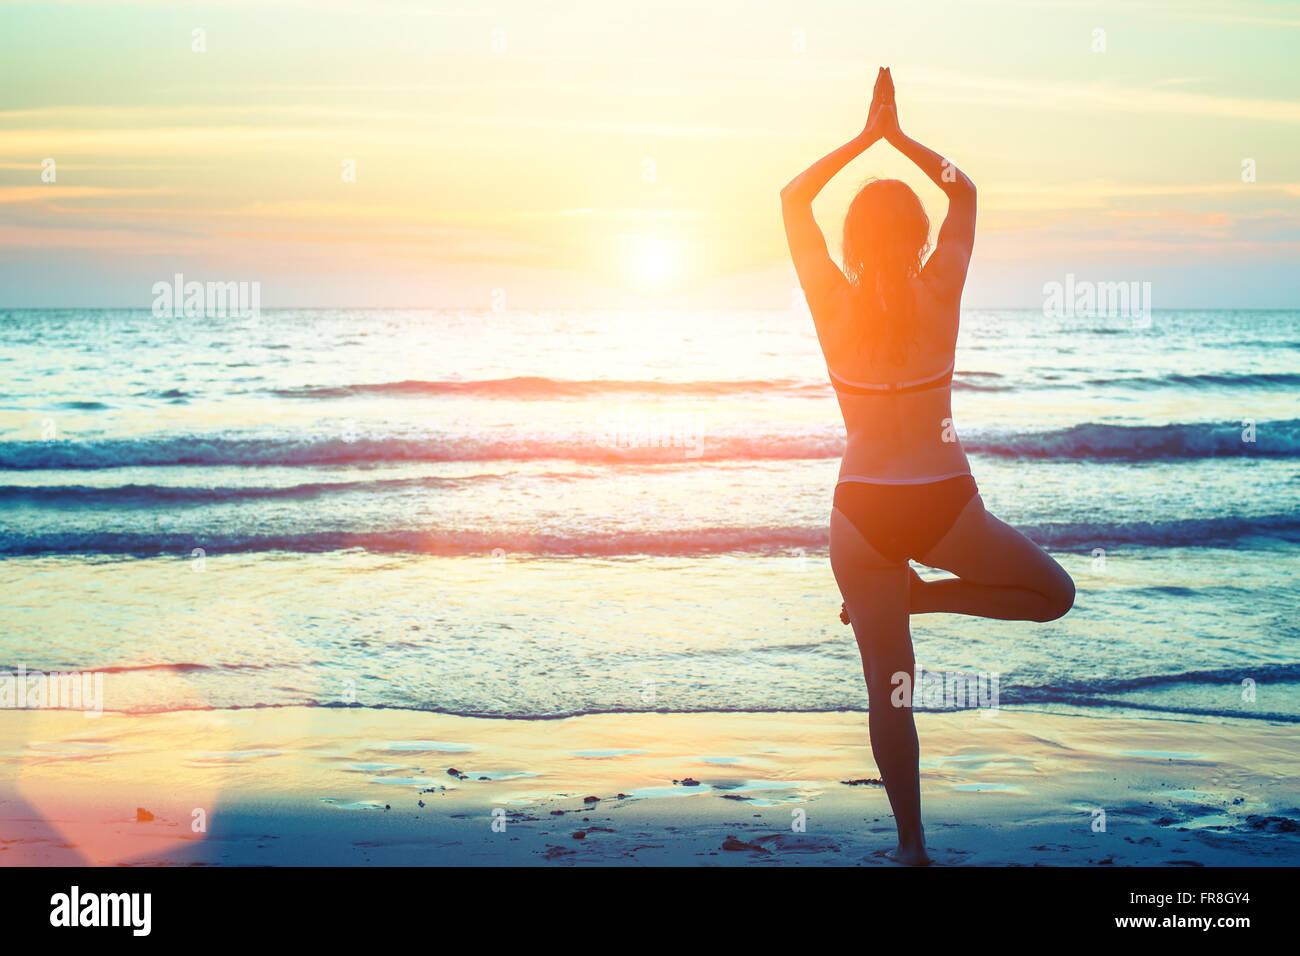 Yoga woman silhouette sur la plage au coucher du soleil. Photo Stock